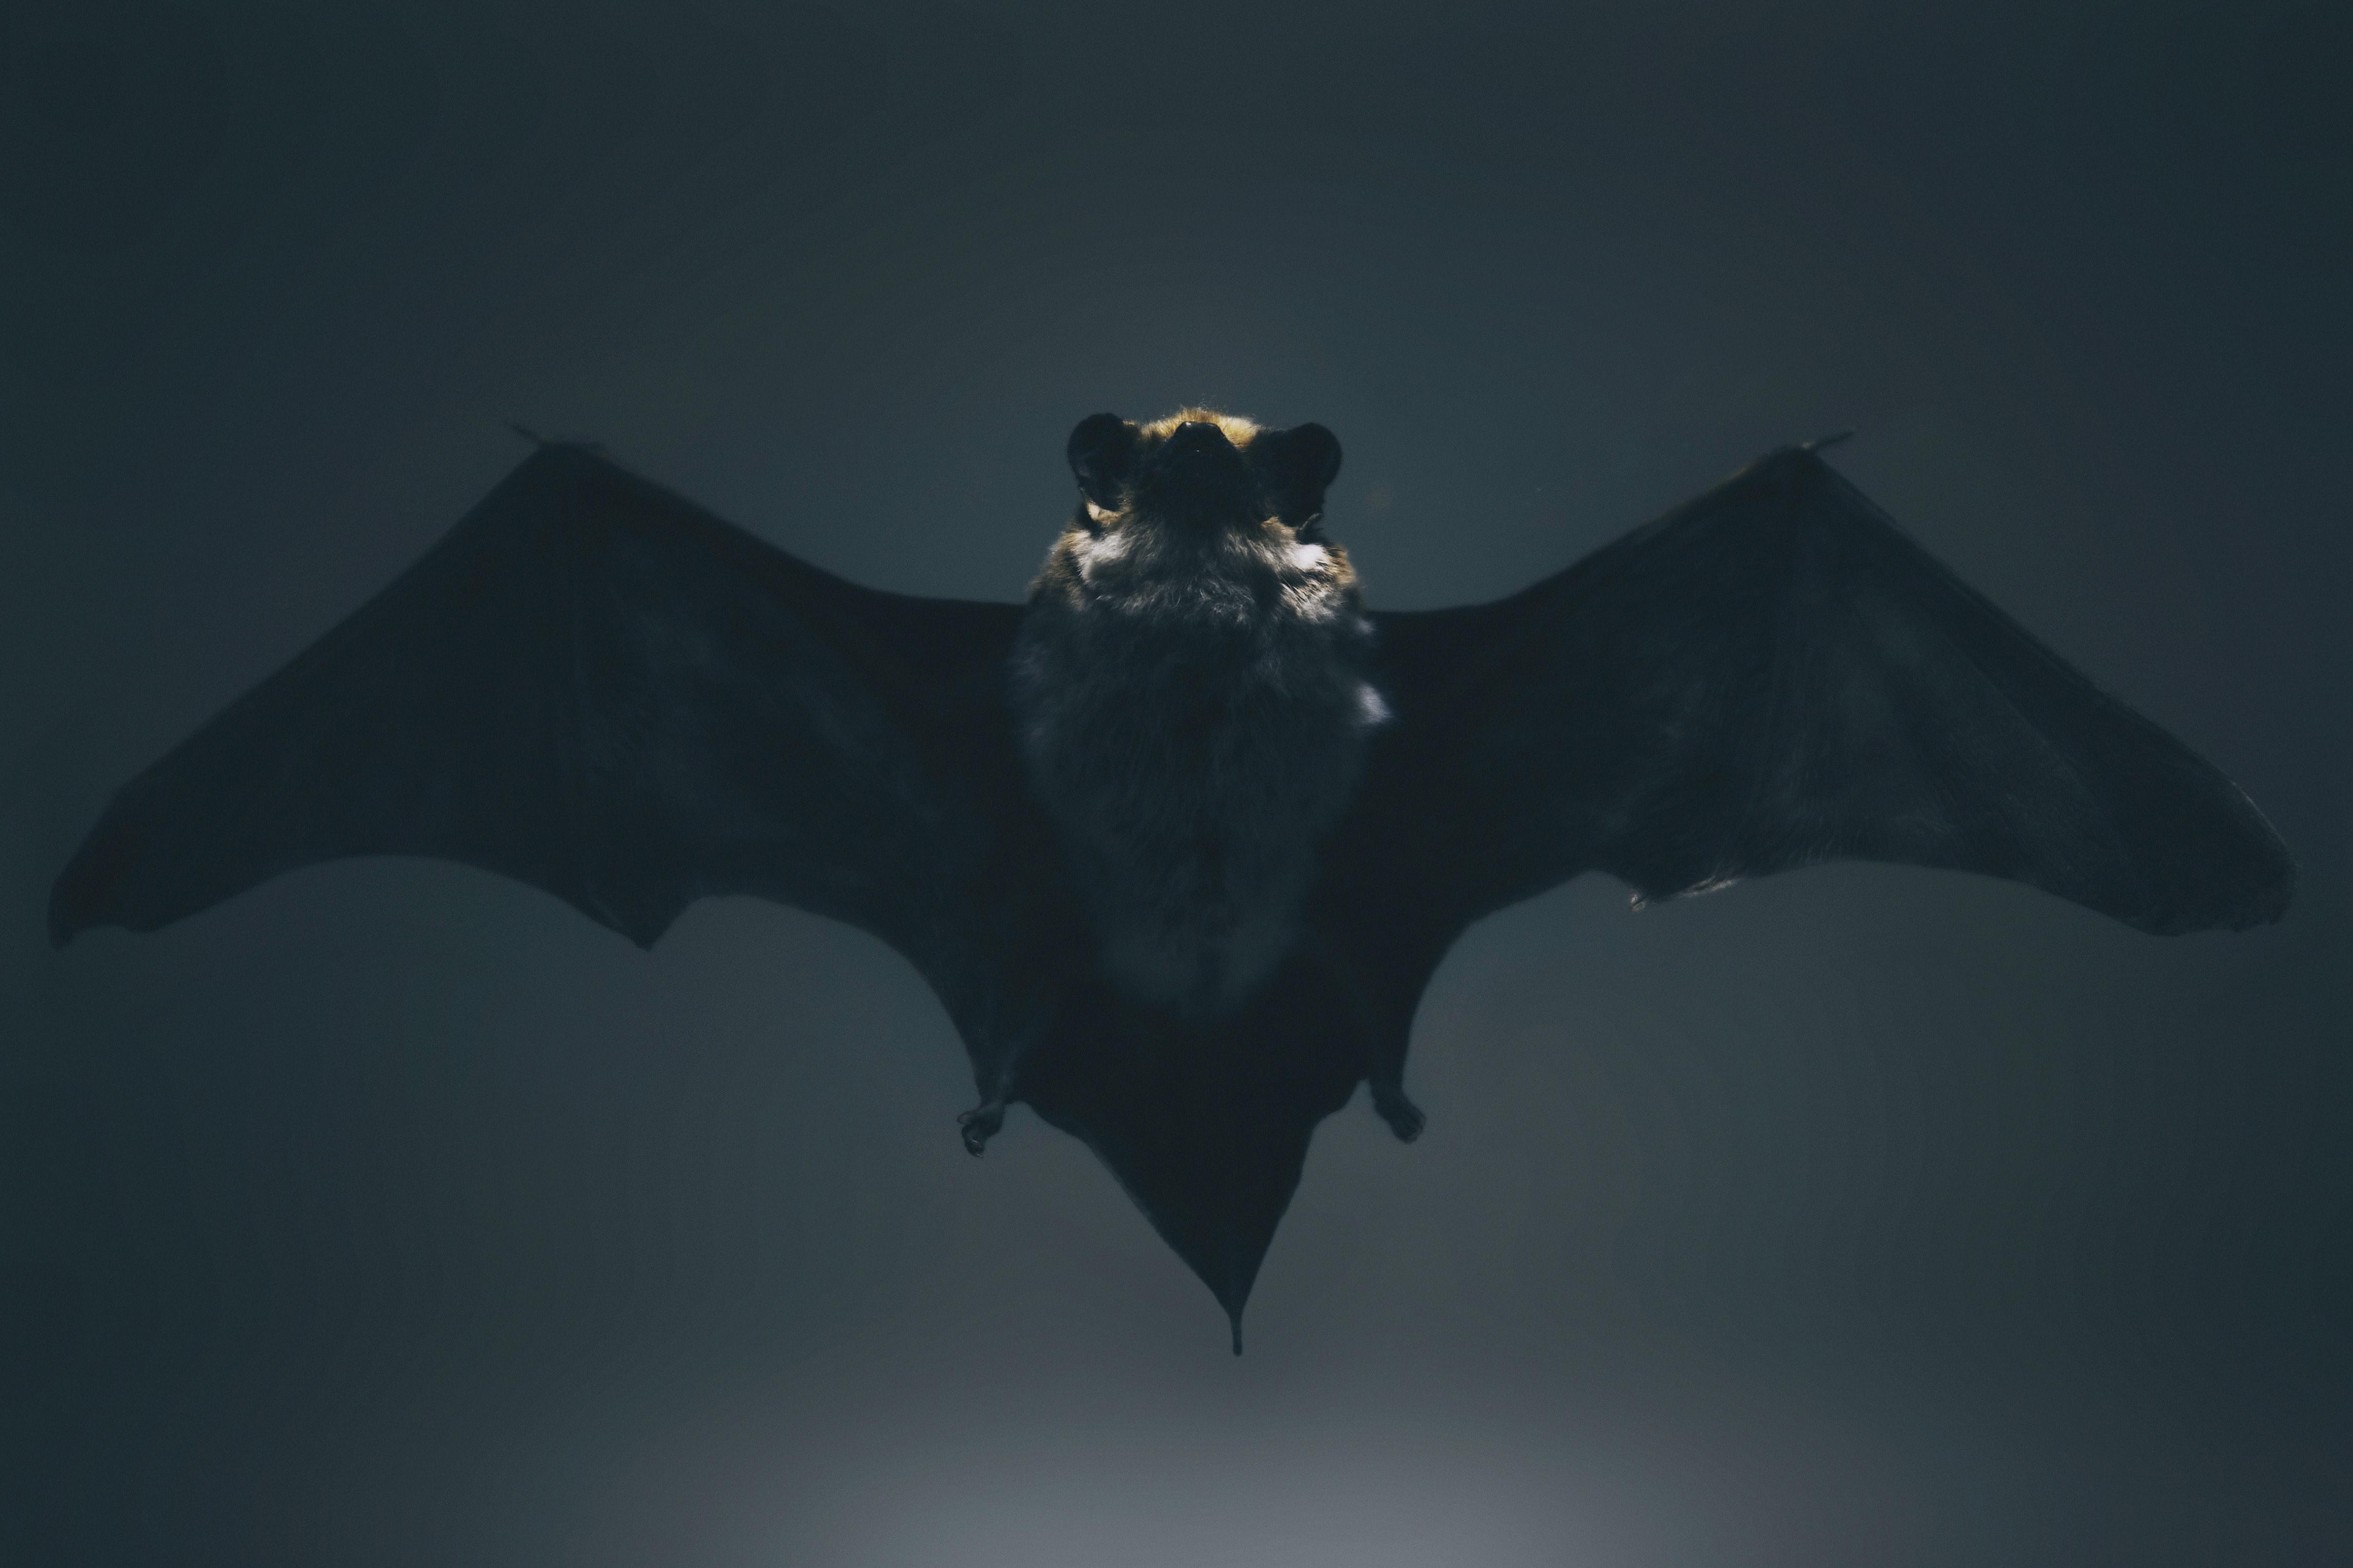 עטלפים בבידוד